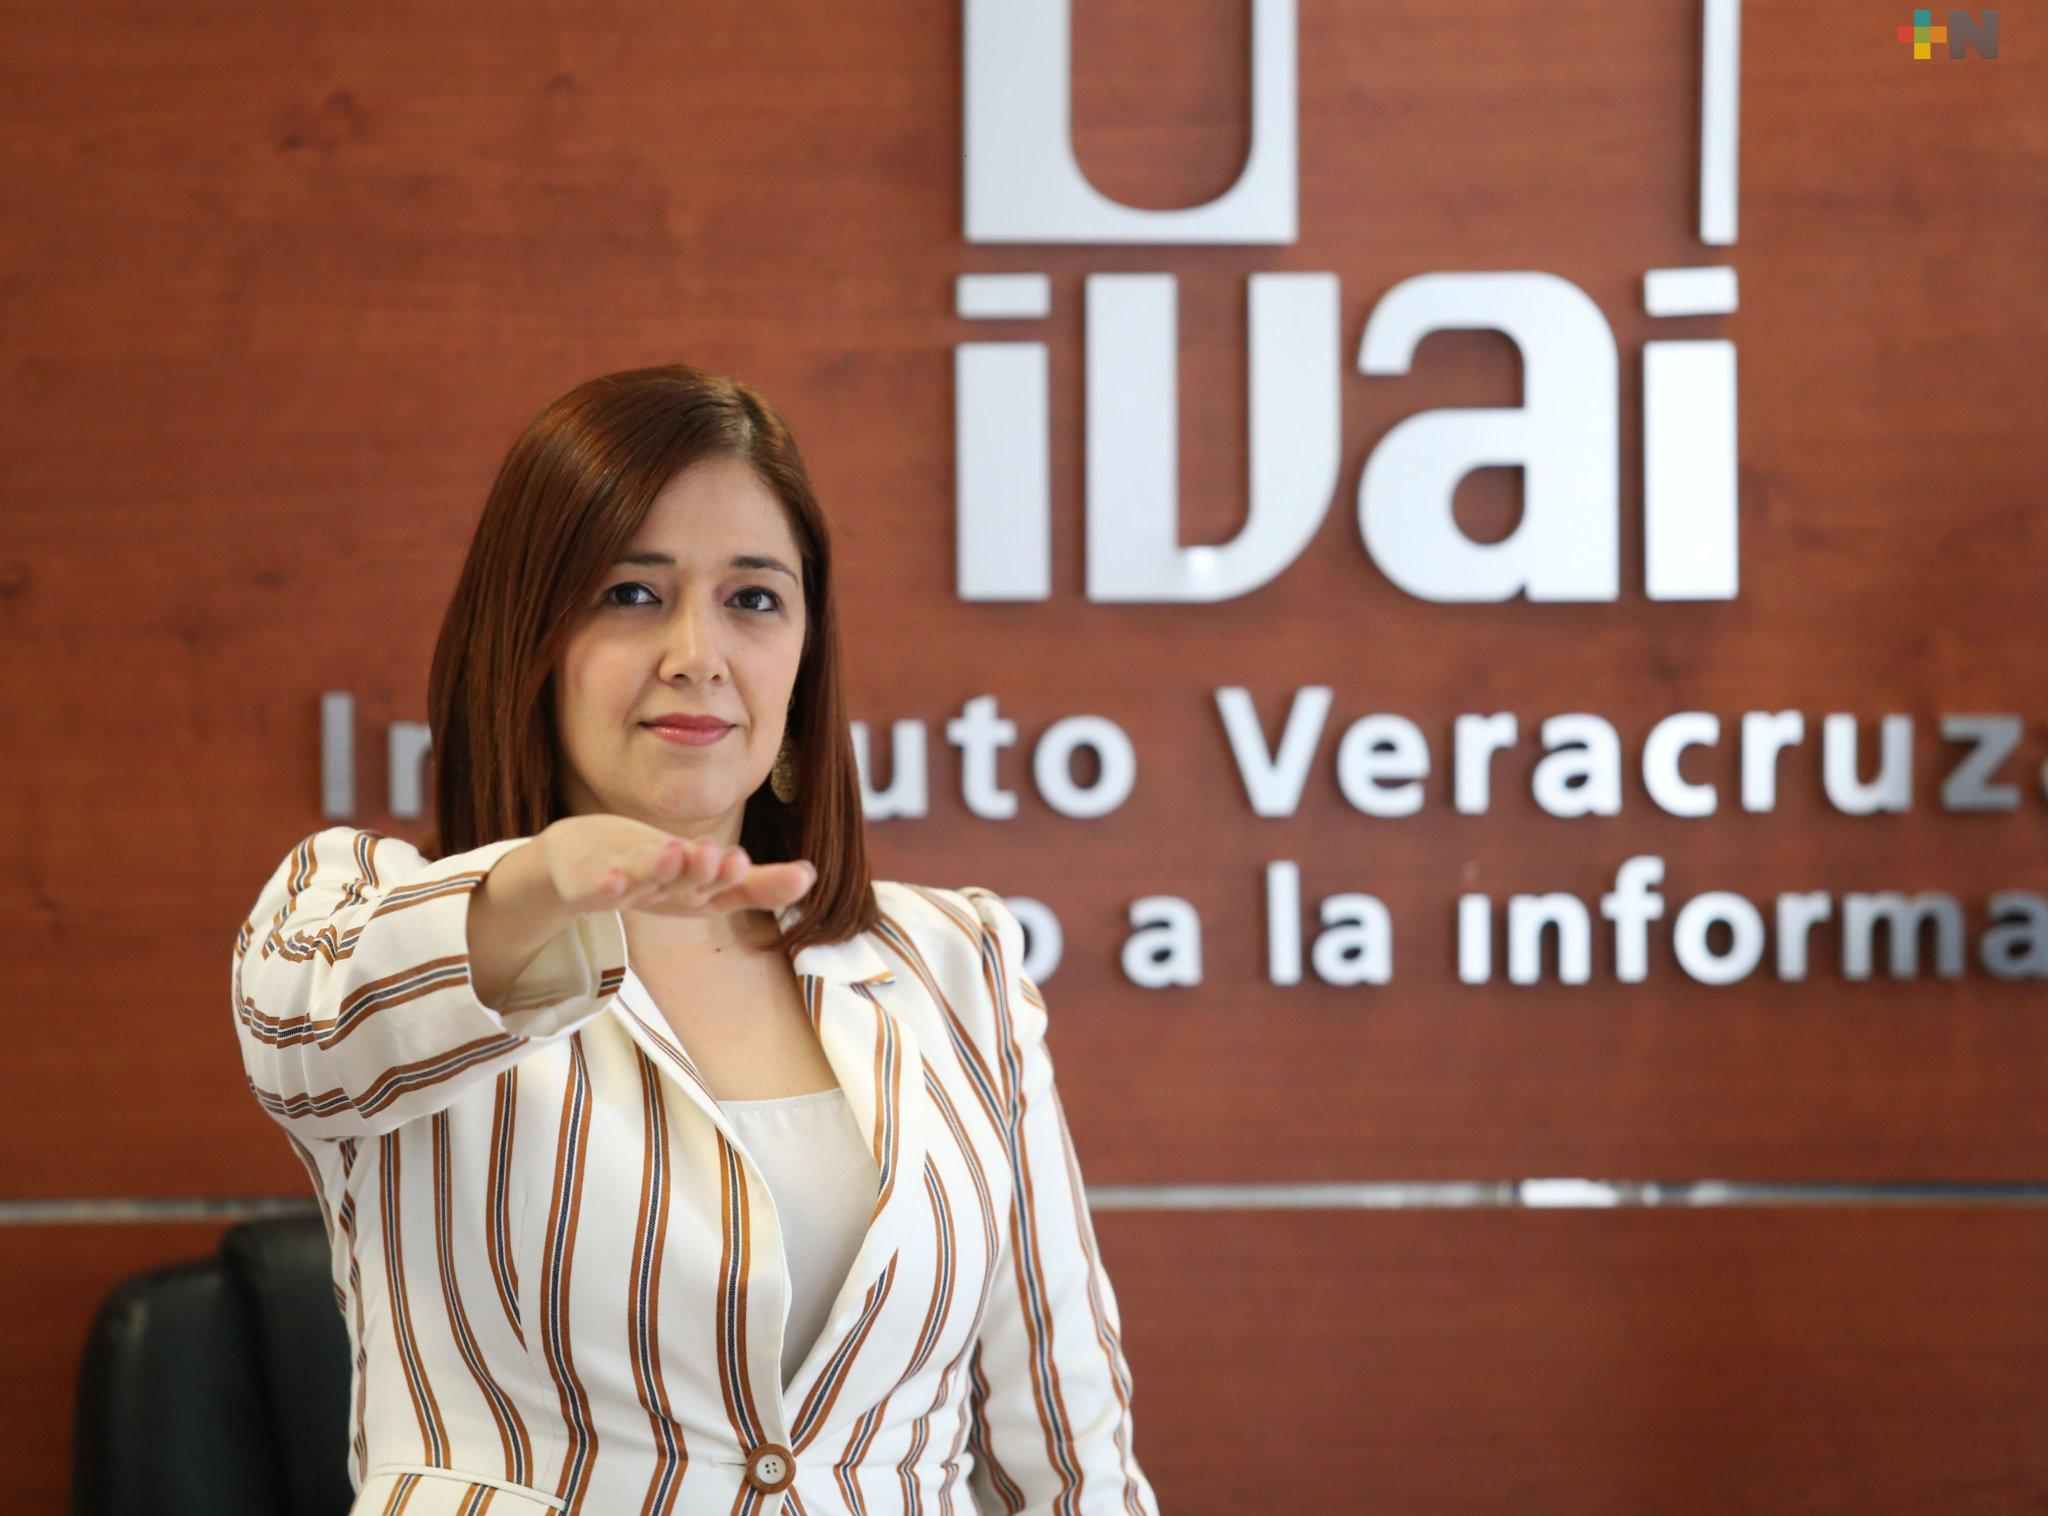 Asume comisionada Naldy Rodríguez presidencia del IVAI